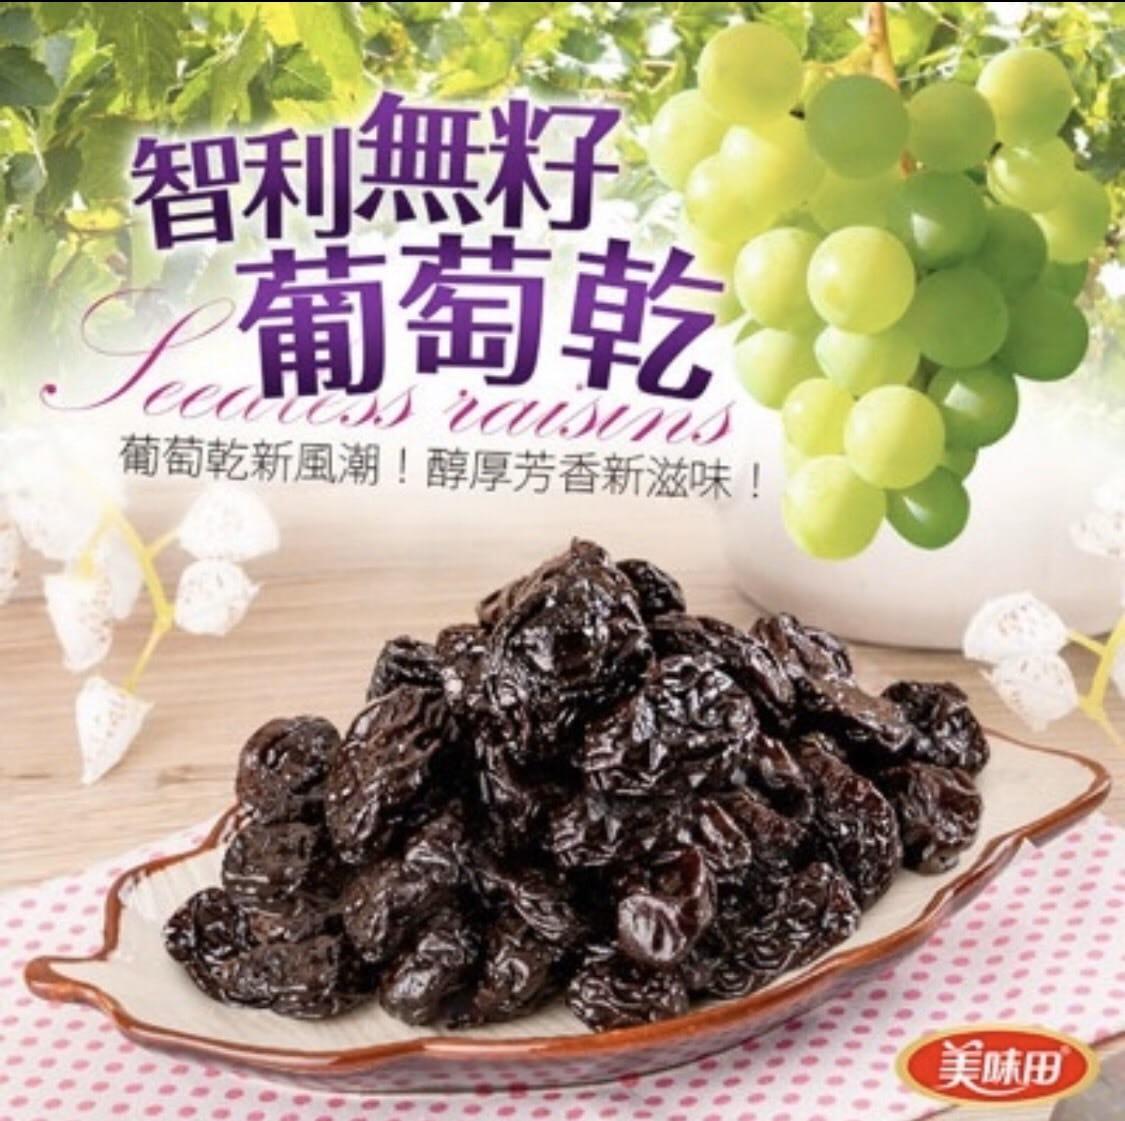 美味田【有籽/無籽】巴薩米克醋 醋釀葡萄乾 200g 超大顆 超多汁 葡萄乾